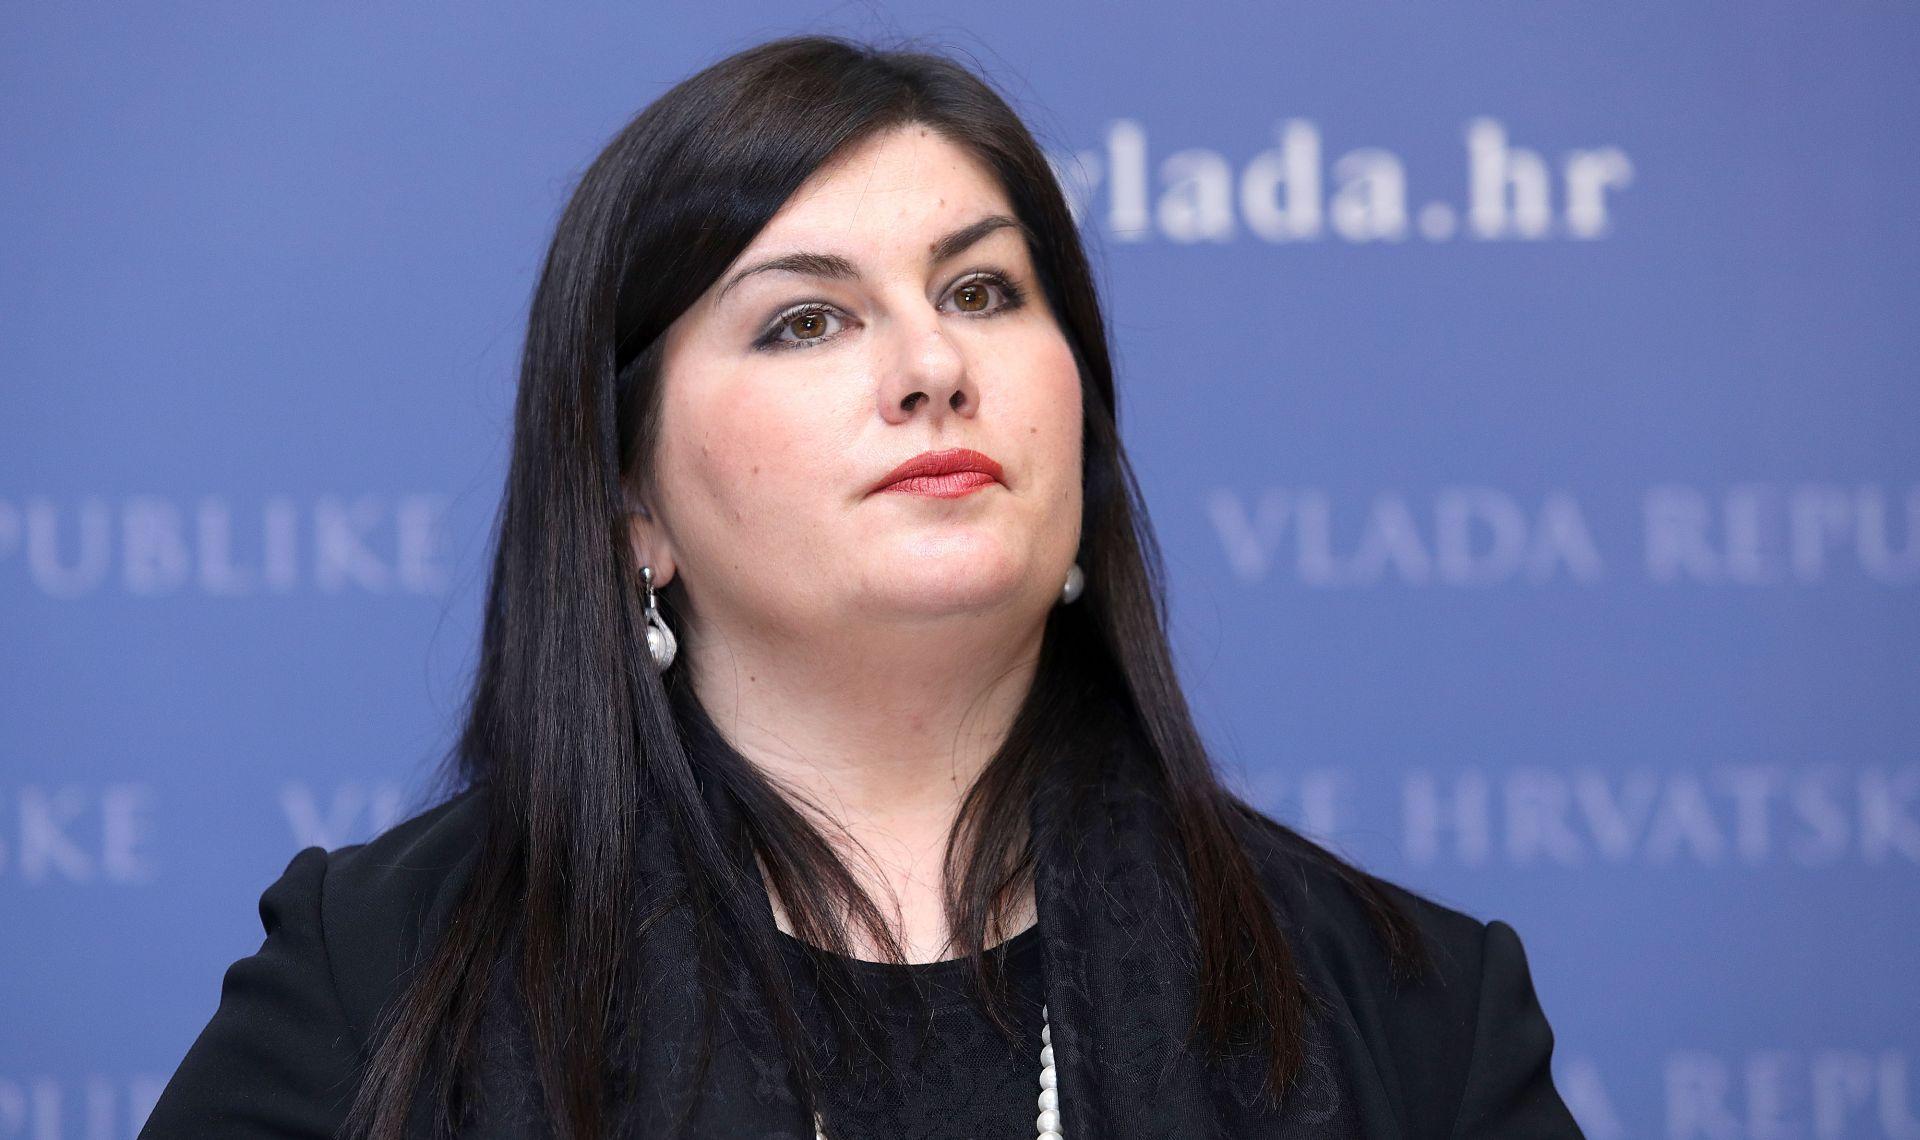 ŽALAC U ZADRU 'Decentralizacijom ćemo omogućiti ravnomjeran razvoj hrvatskih regija'